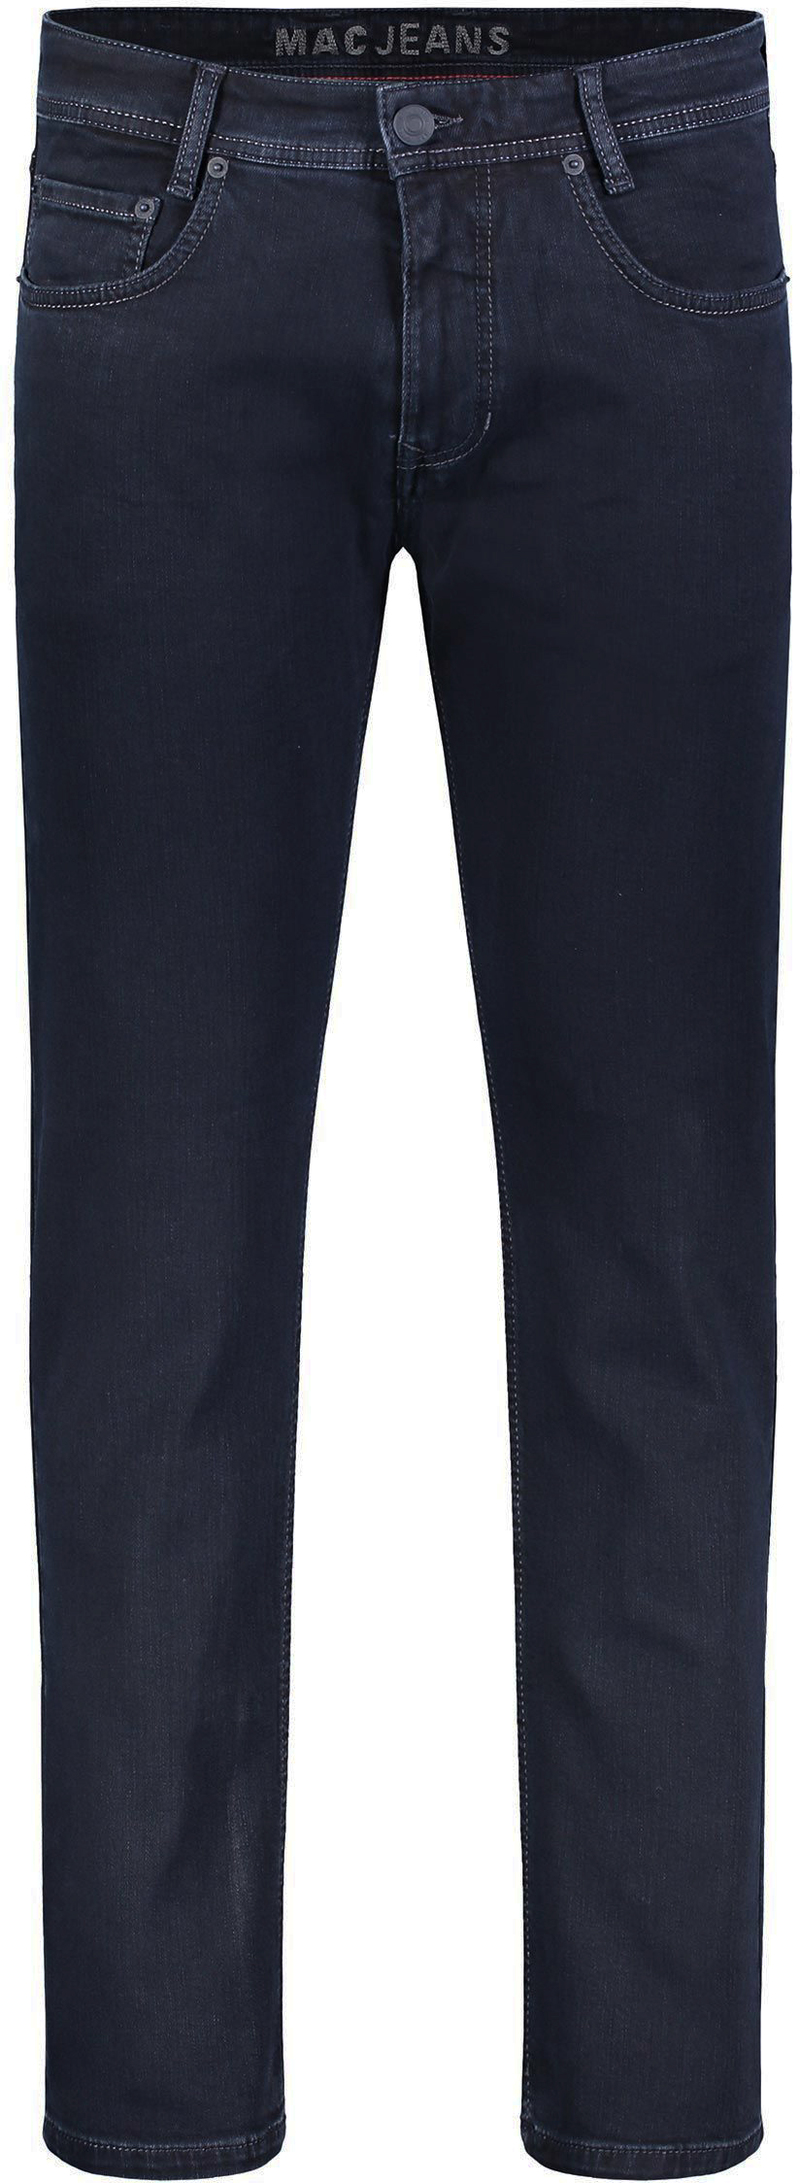 Mac Jeans Arne Stretch Blue Black H799 photo 0